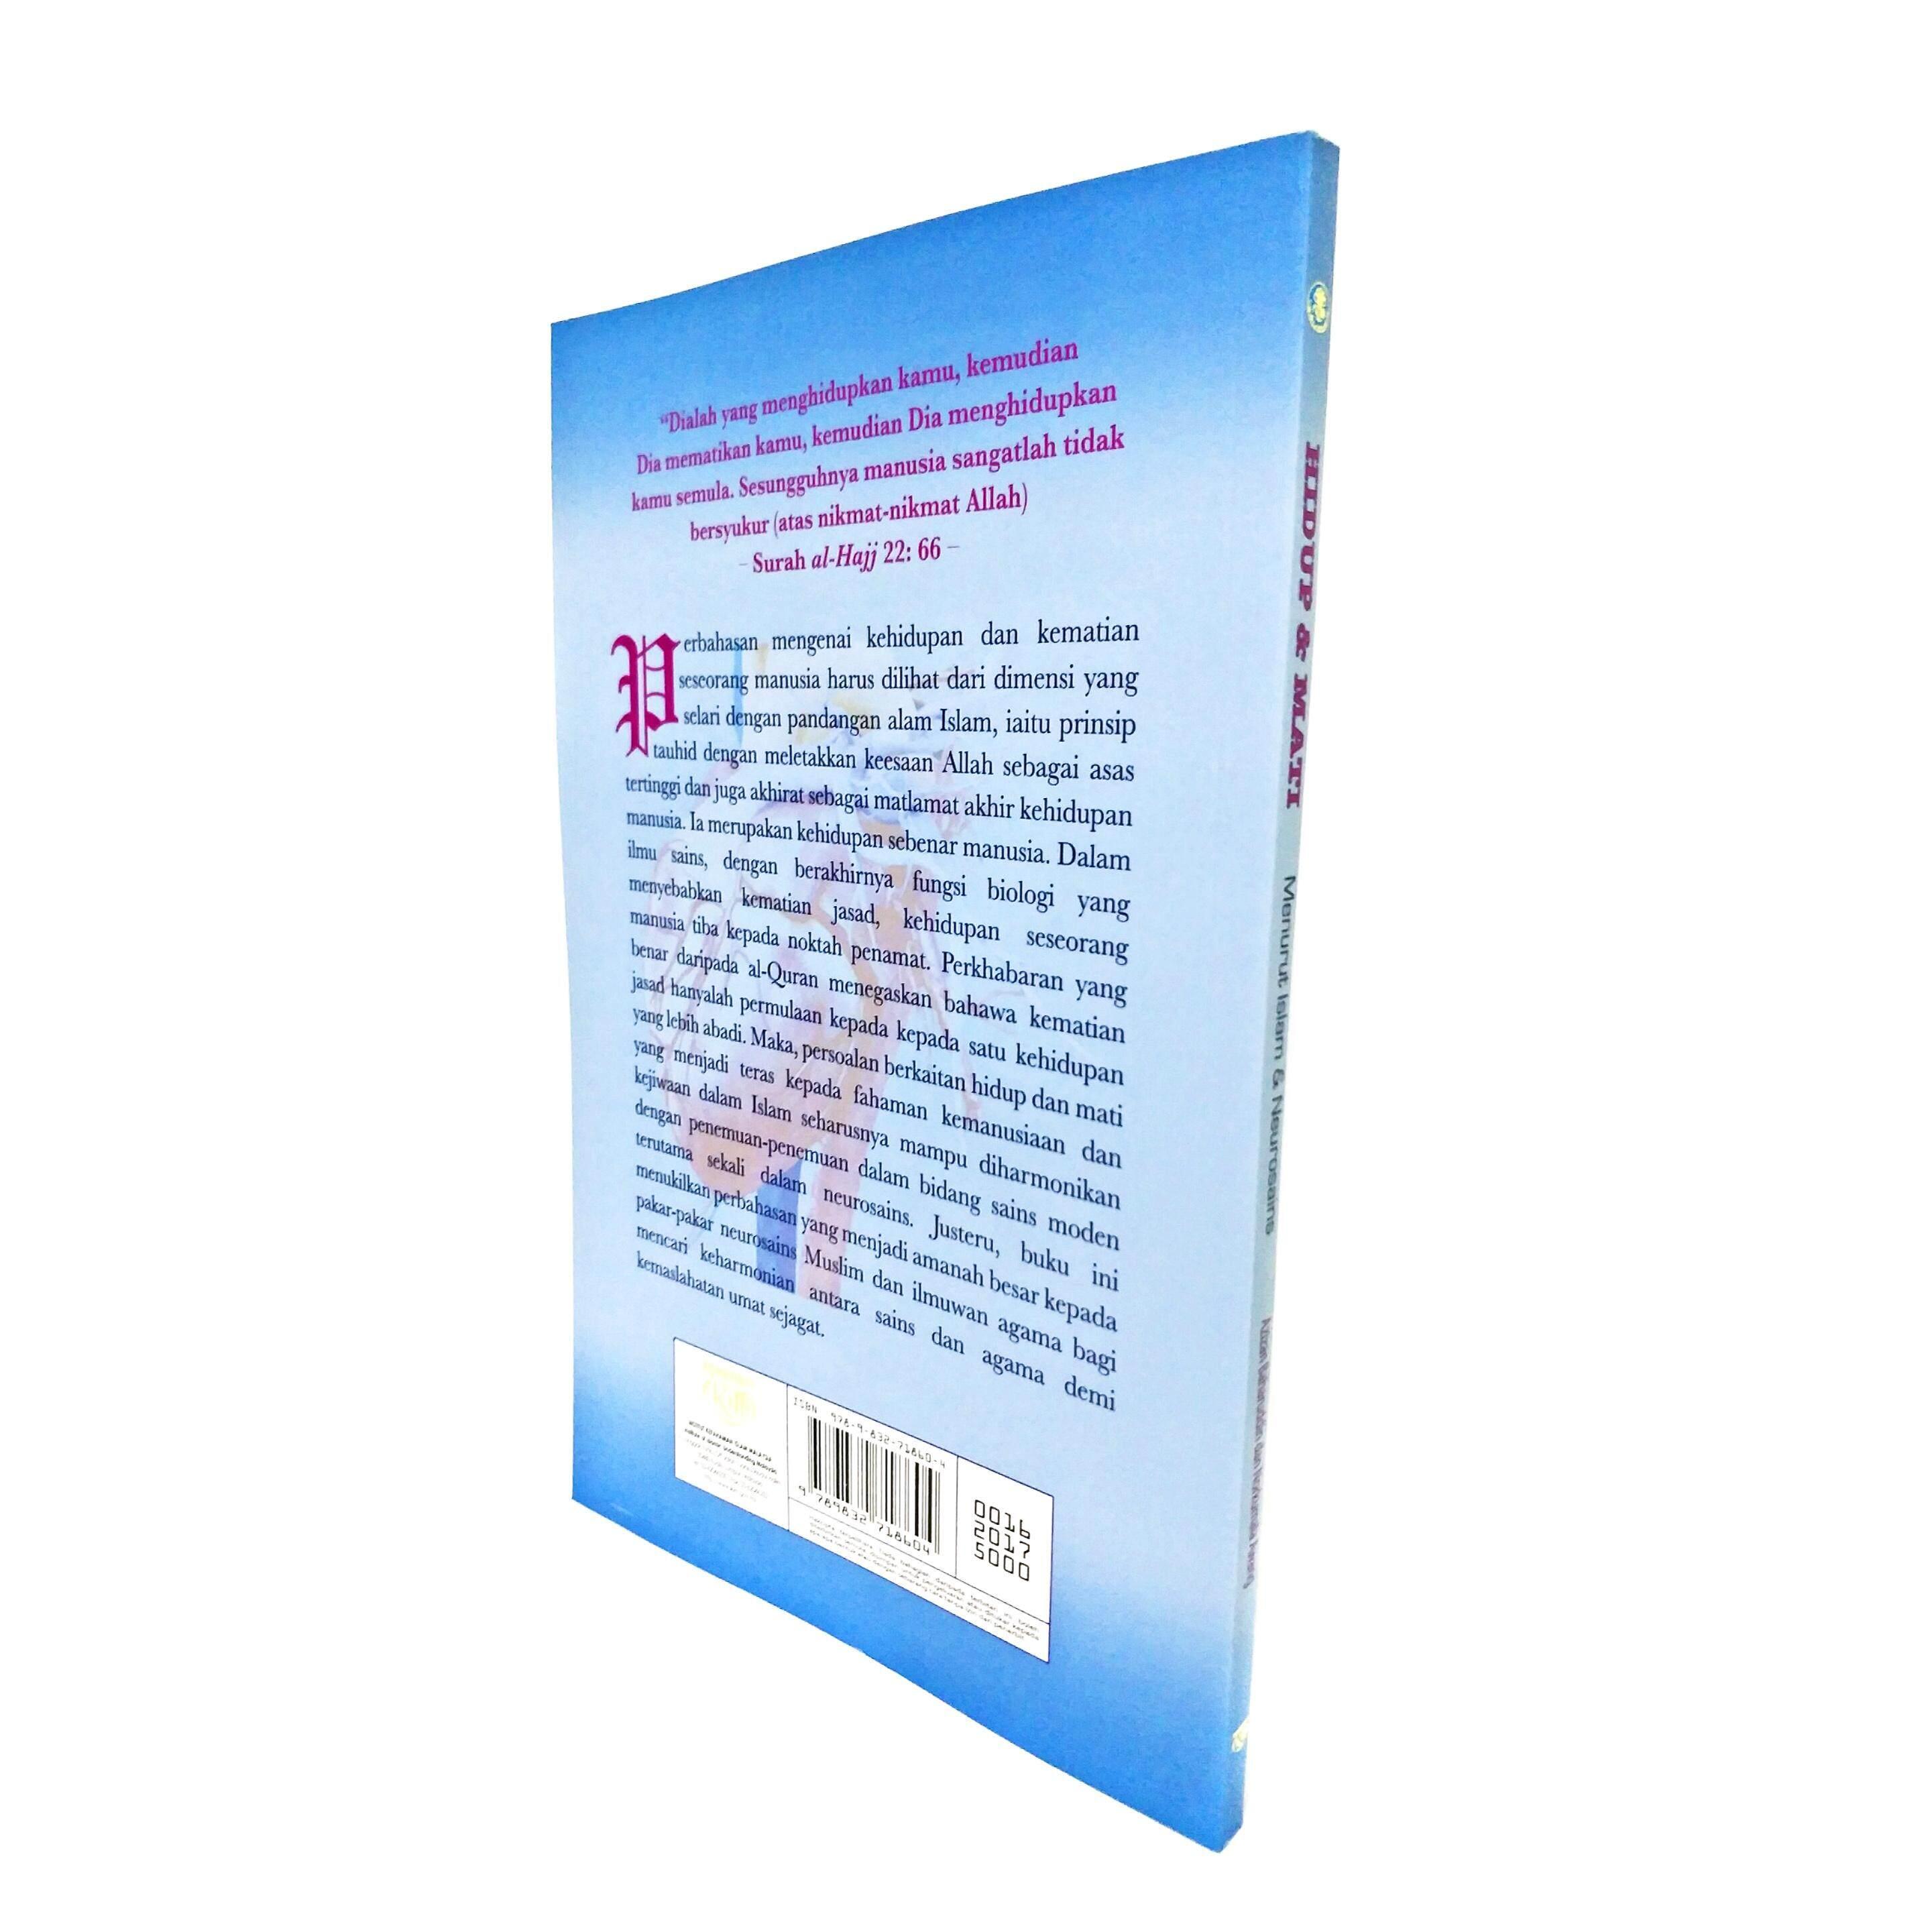 Hidup & Mati Menurut Islam & Neurosains, Penulis: Dr. Azizan Baharudin/Norkumala Awang oleh IKIM